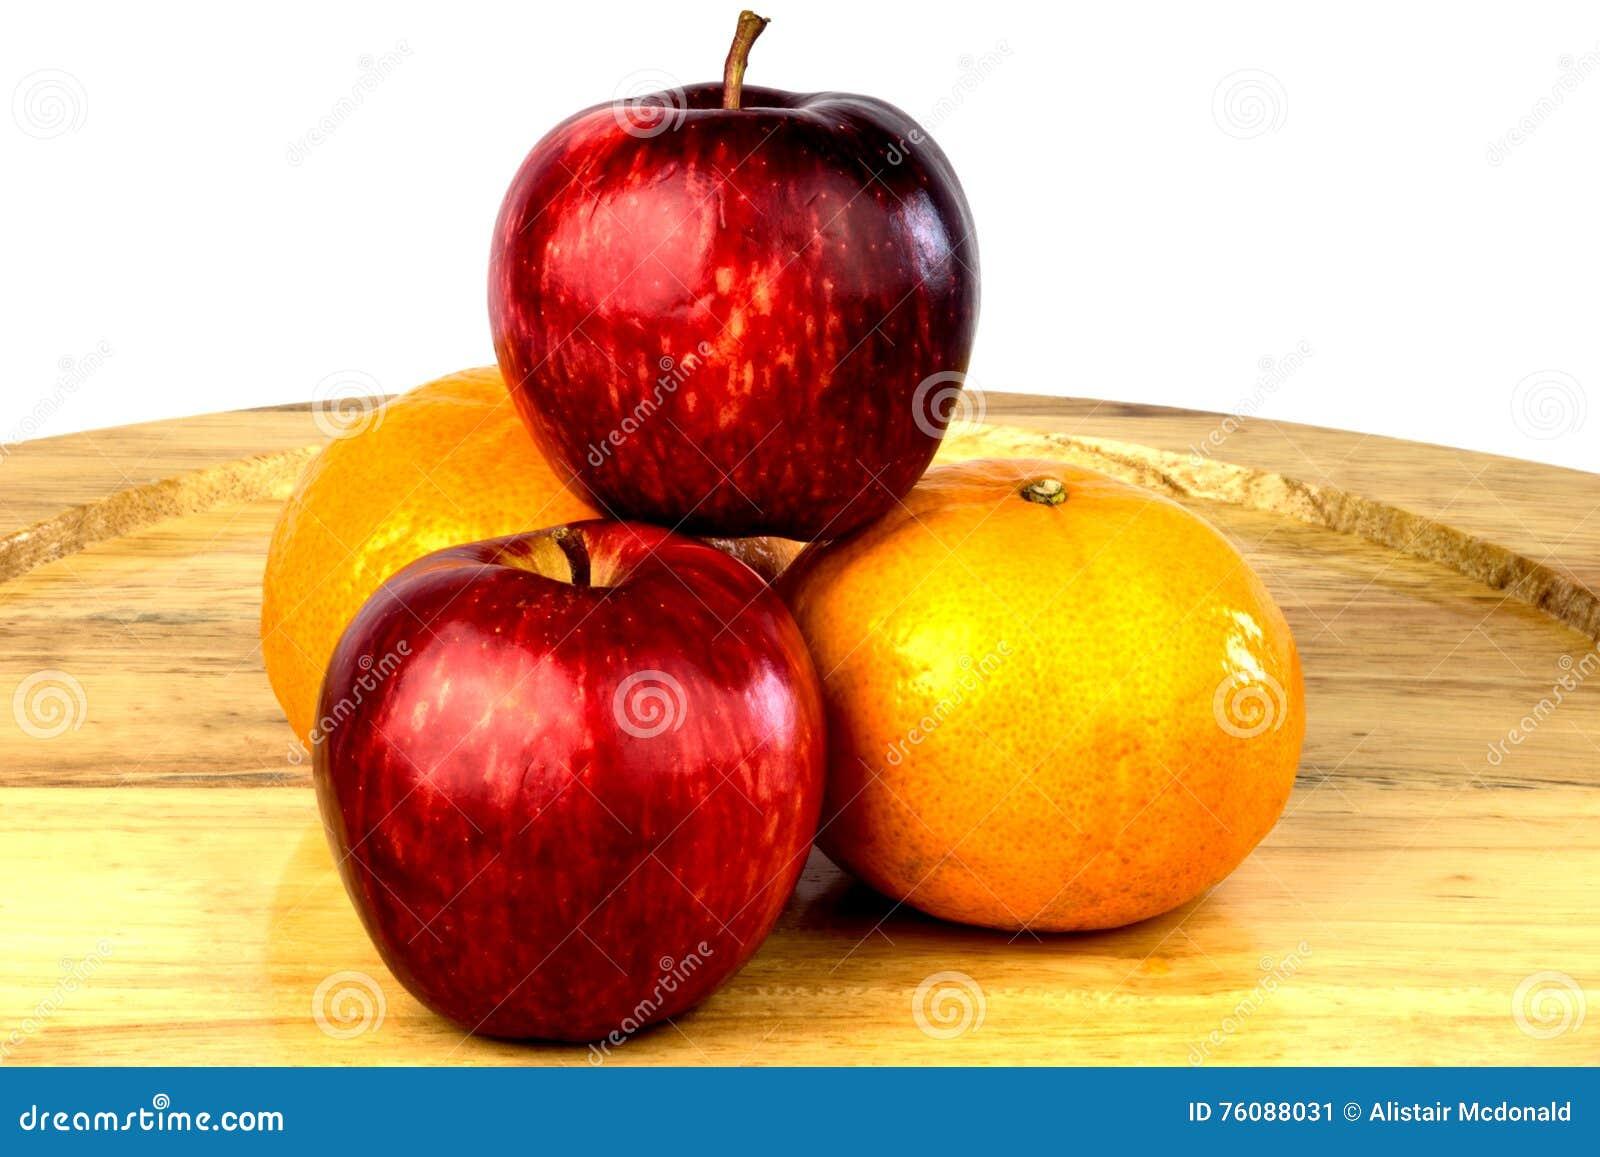 Pommes et oranges sur un plateau en bois